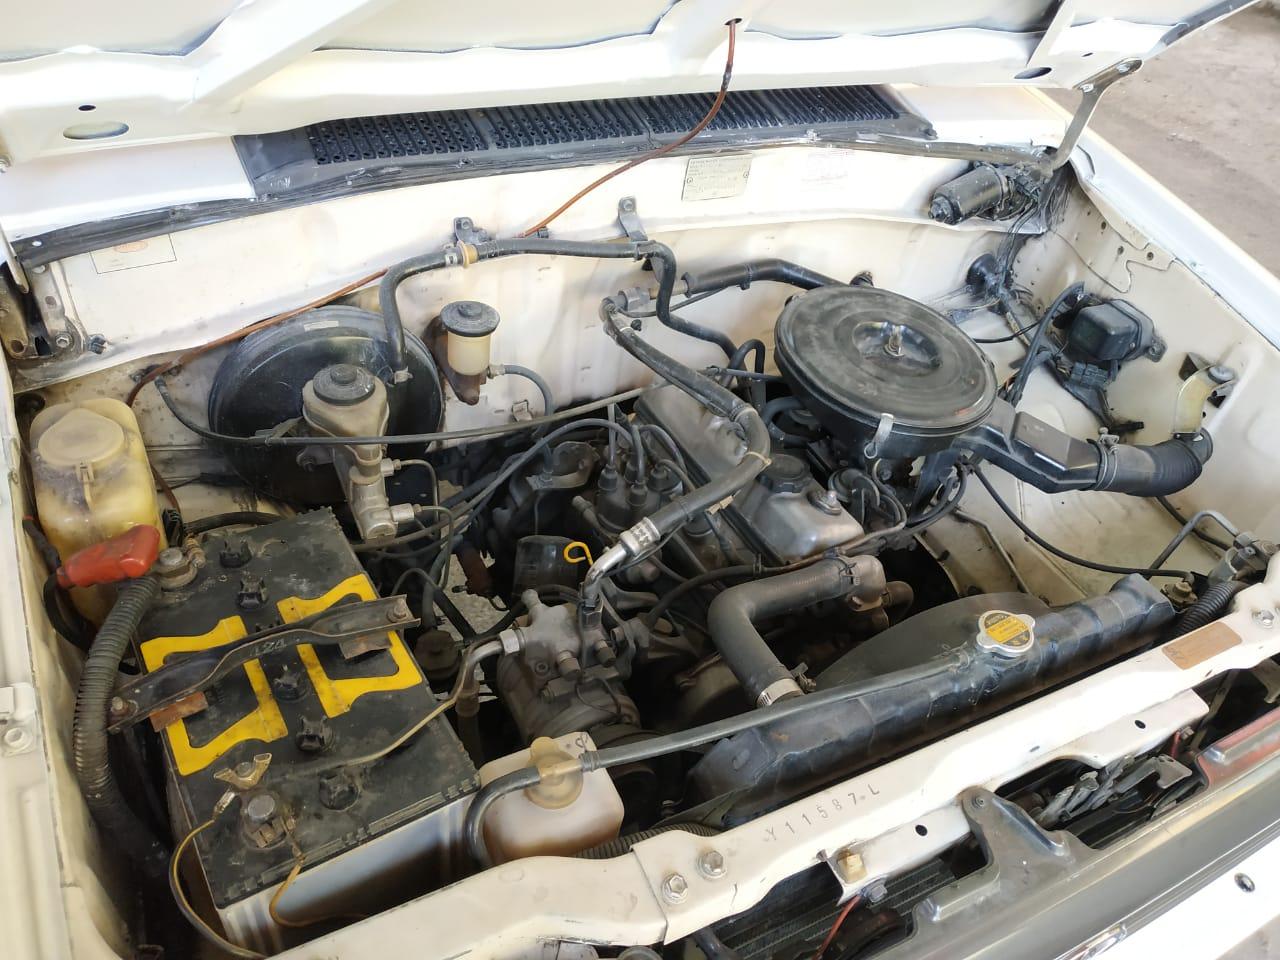 Gambar menunjukkan Mesin 5K Toyota Kijang Super 1995